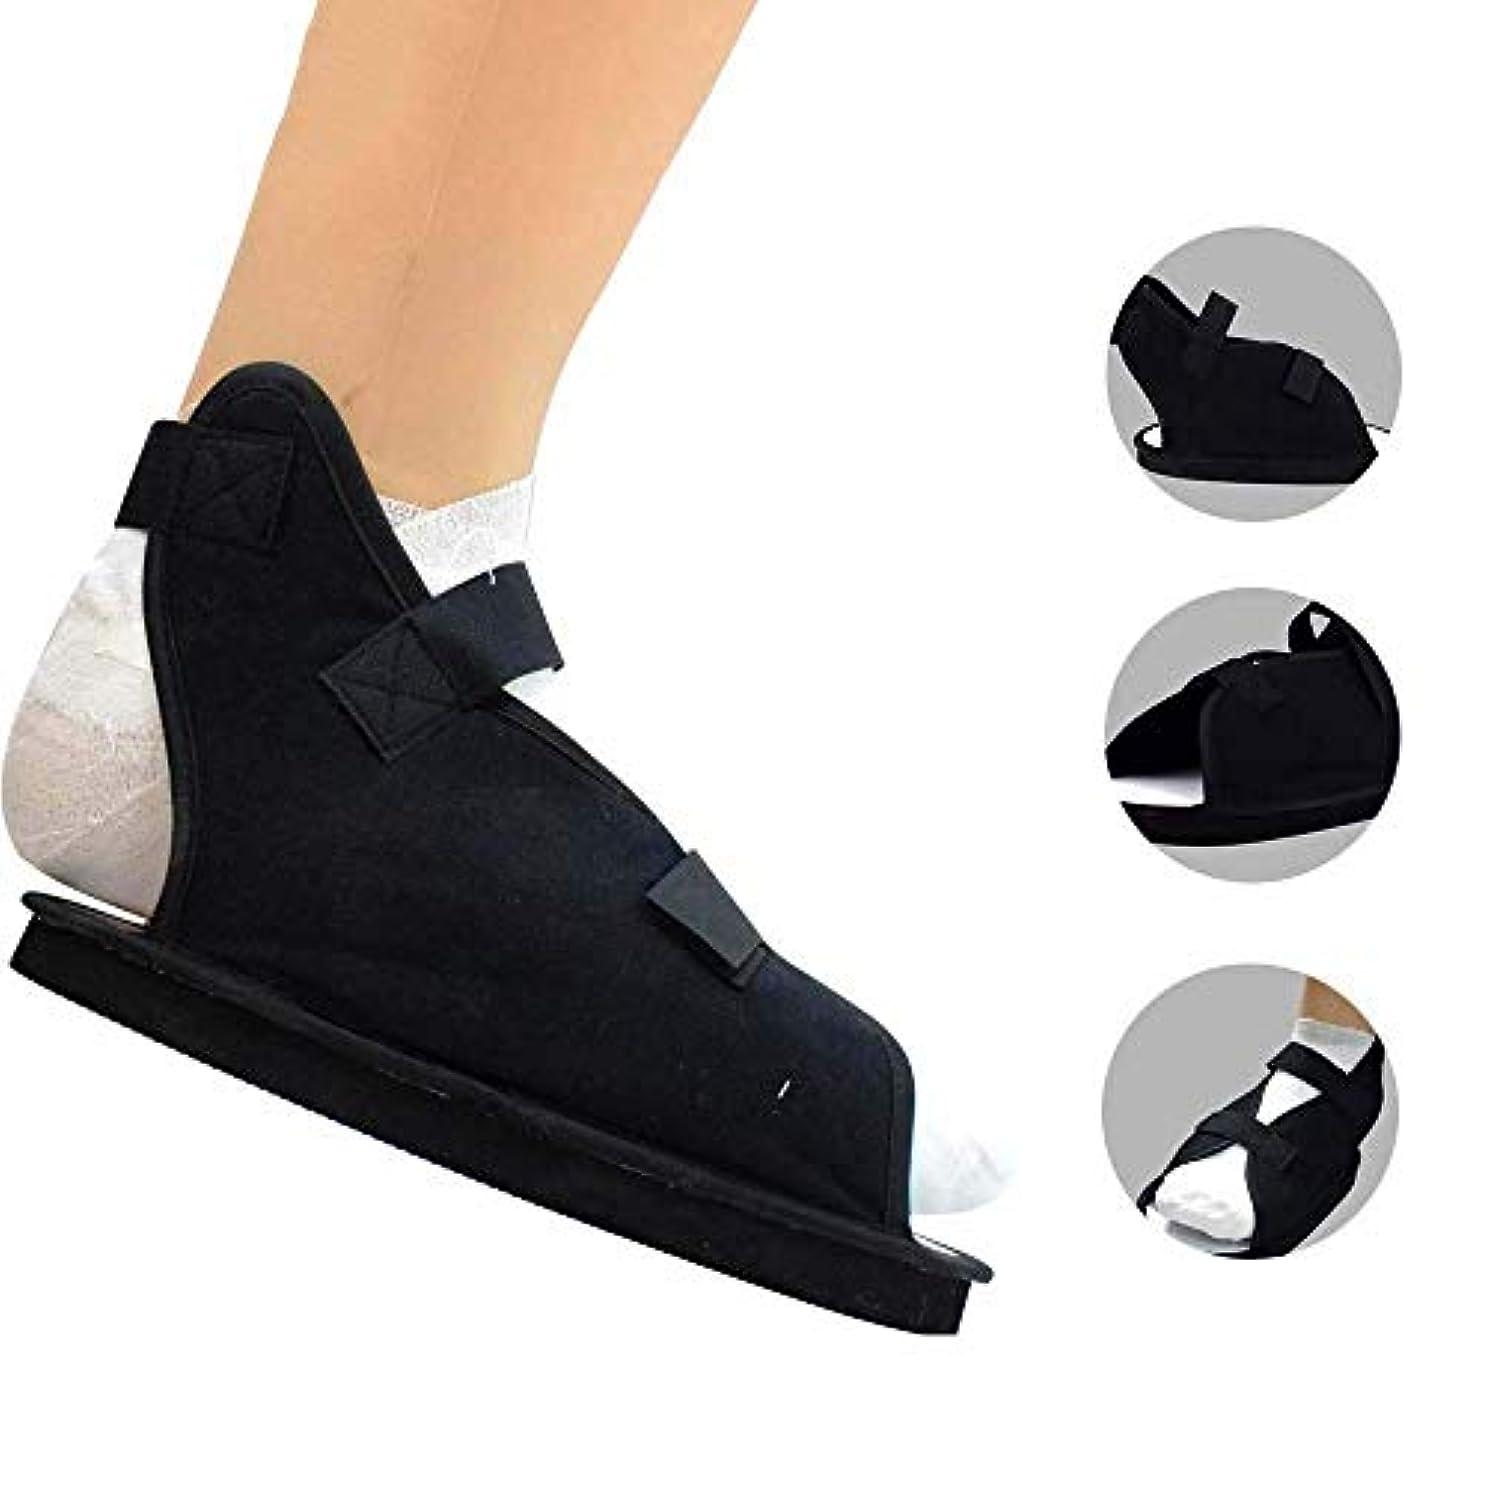 オン任命殺します術後靴、傷害後の外科用フットキャスト医療用ウォーキングブーツ (Size : S)